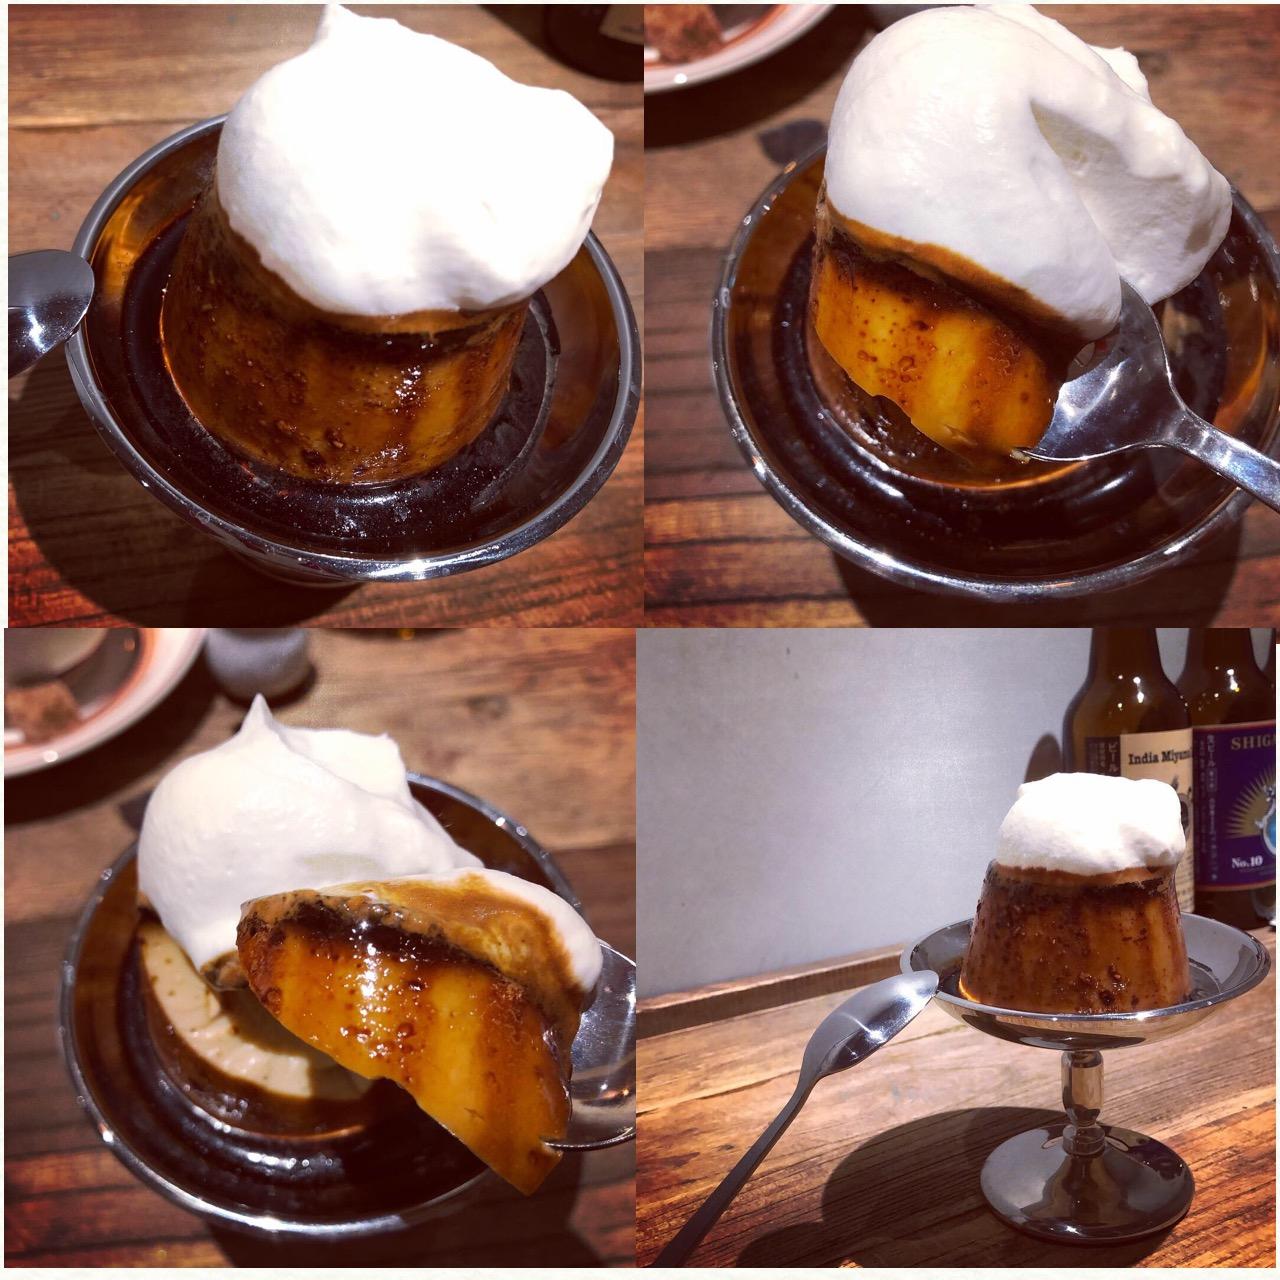 麹町の小さなカフェで食べられる♡レトロなビジュアルがオシャレでおいしいプリン!_3